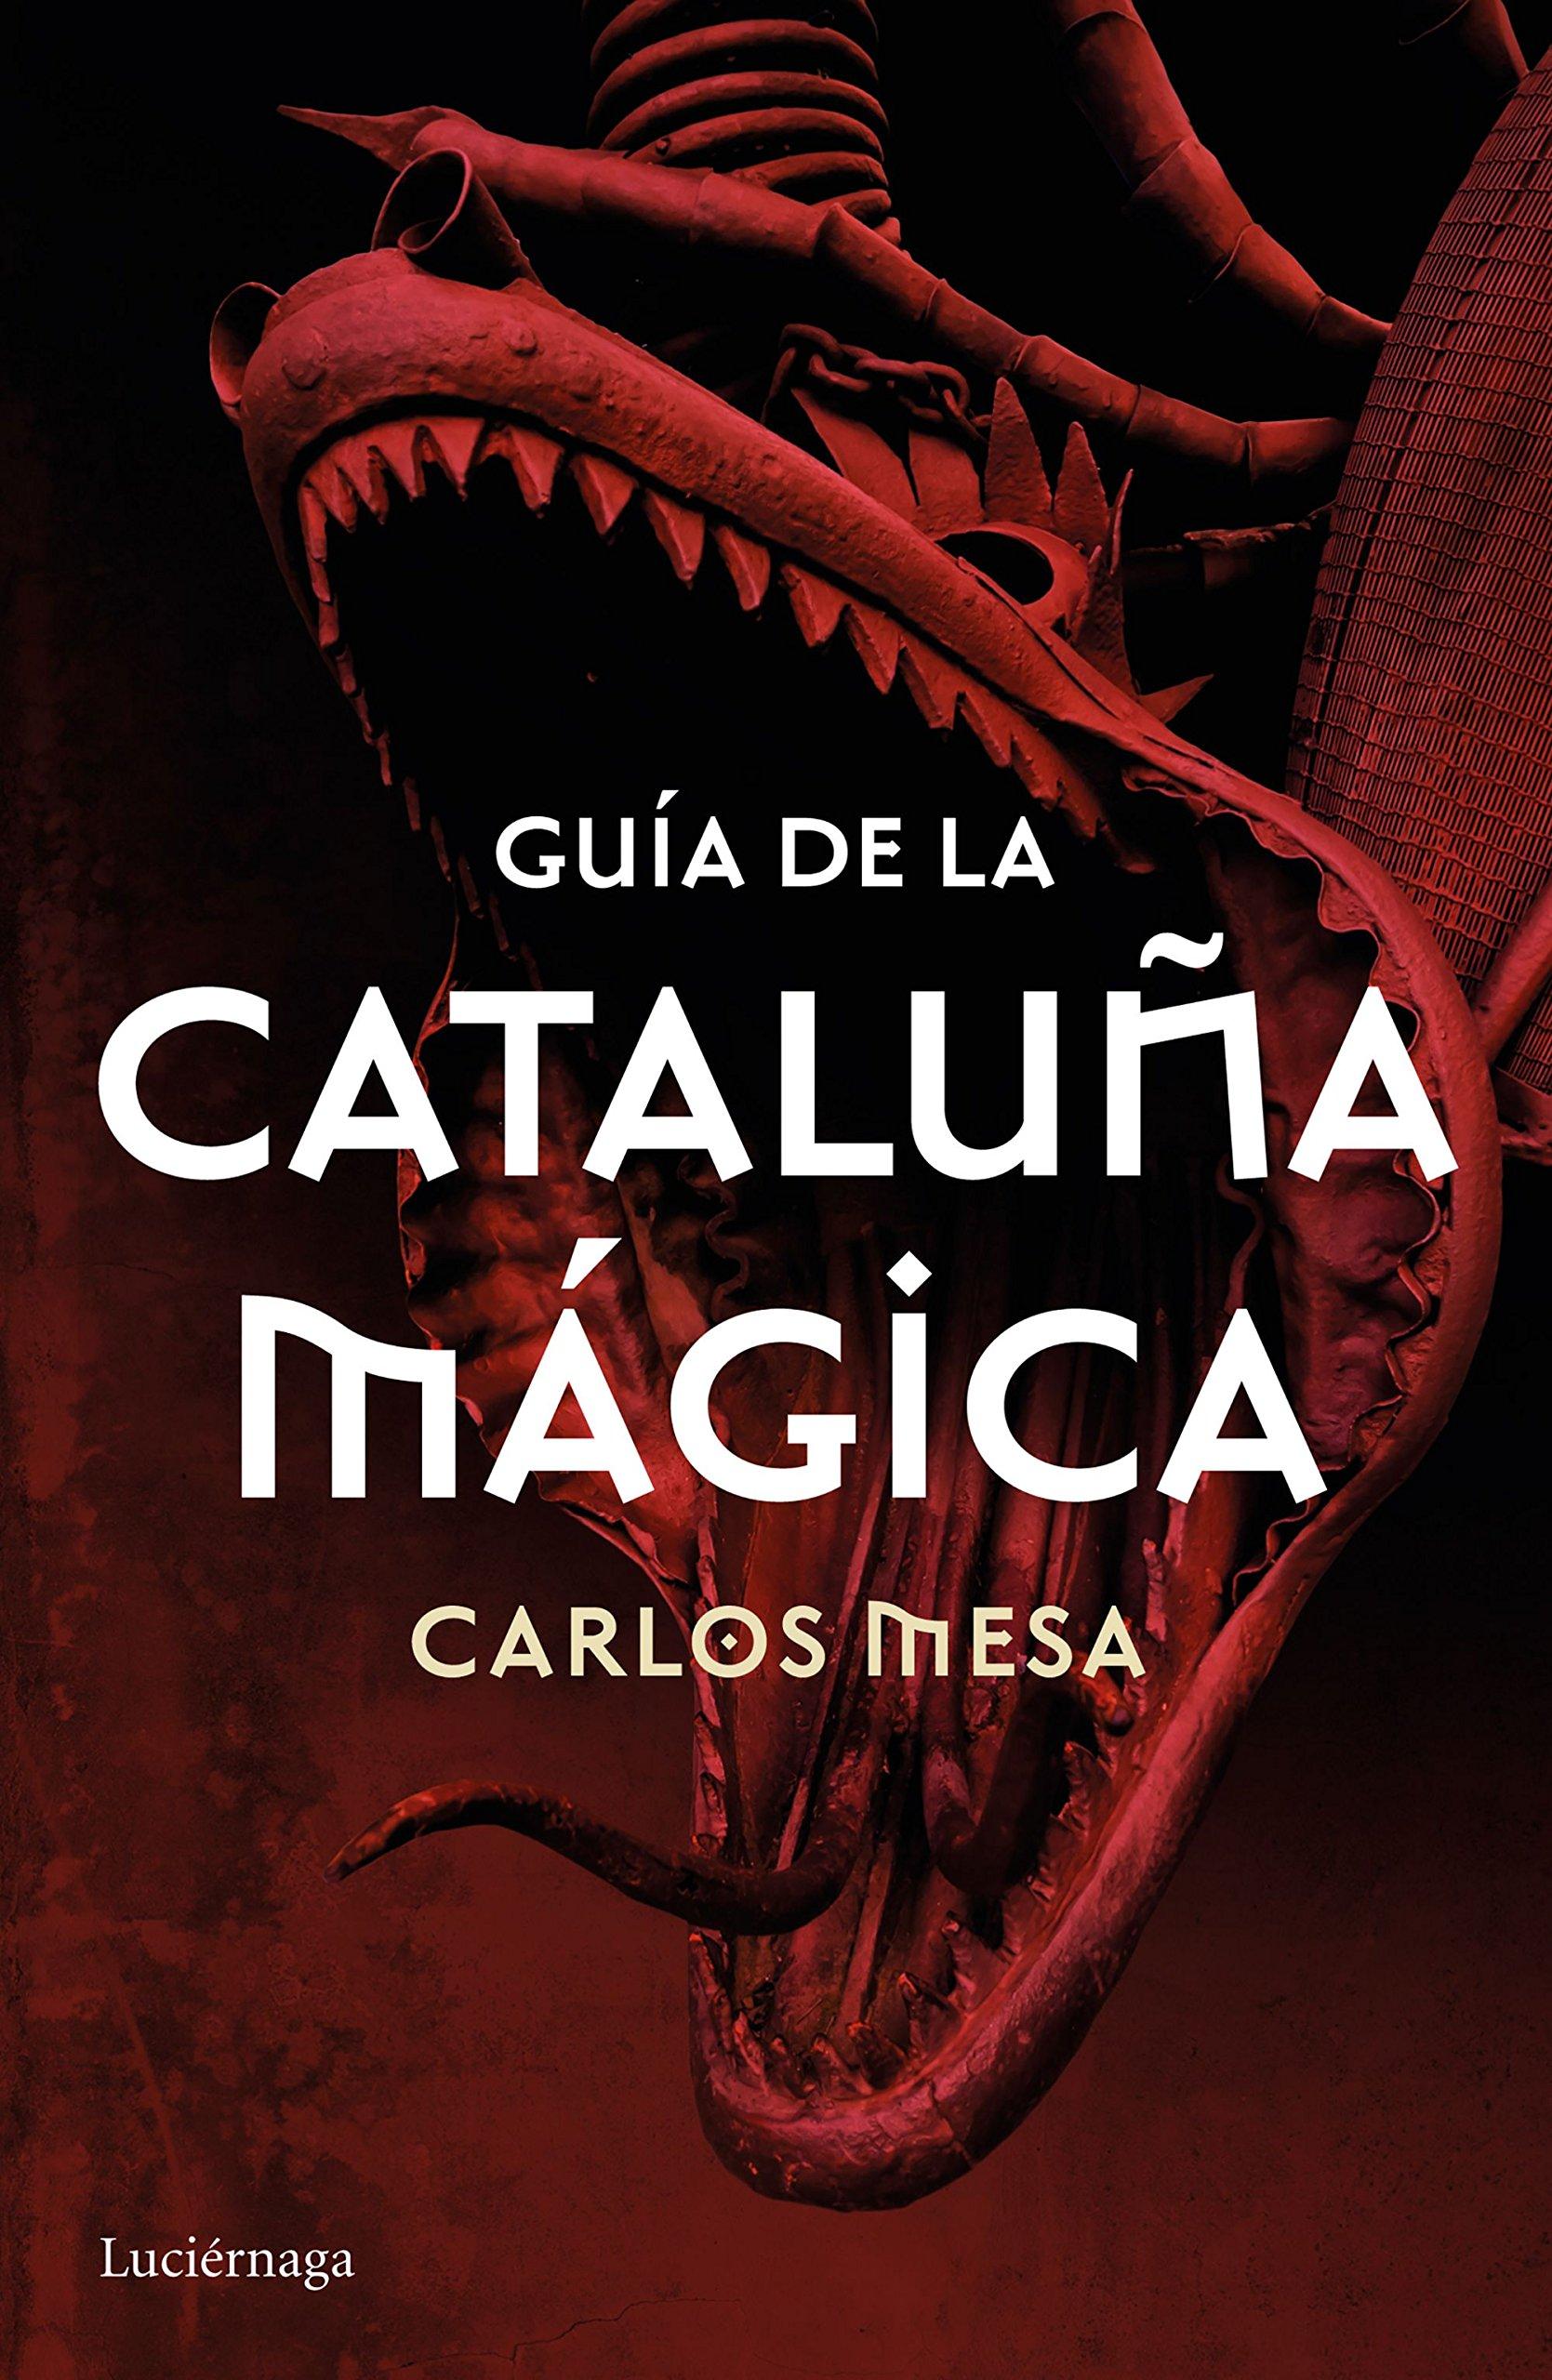 Guía de la Cataluña mágica (Guías mágicas): Amazon.es: Mesa, Carlos: Libros